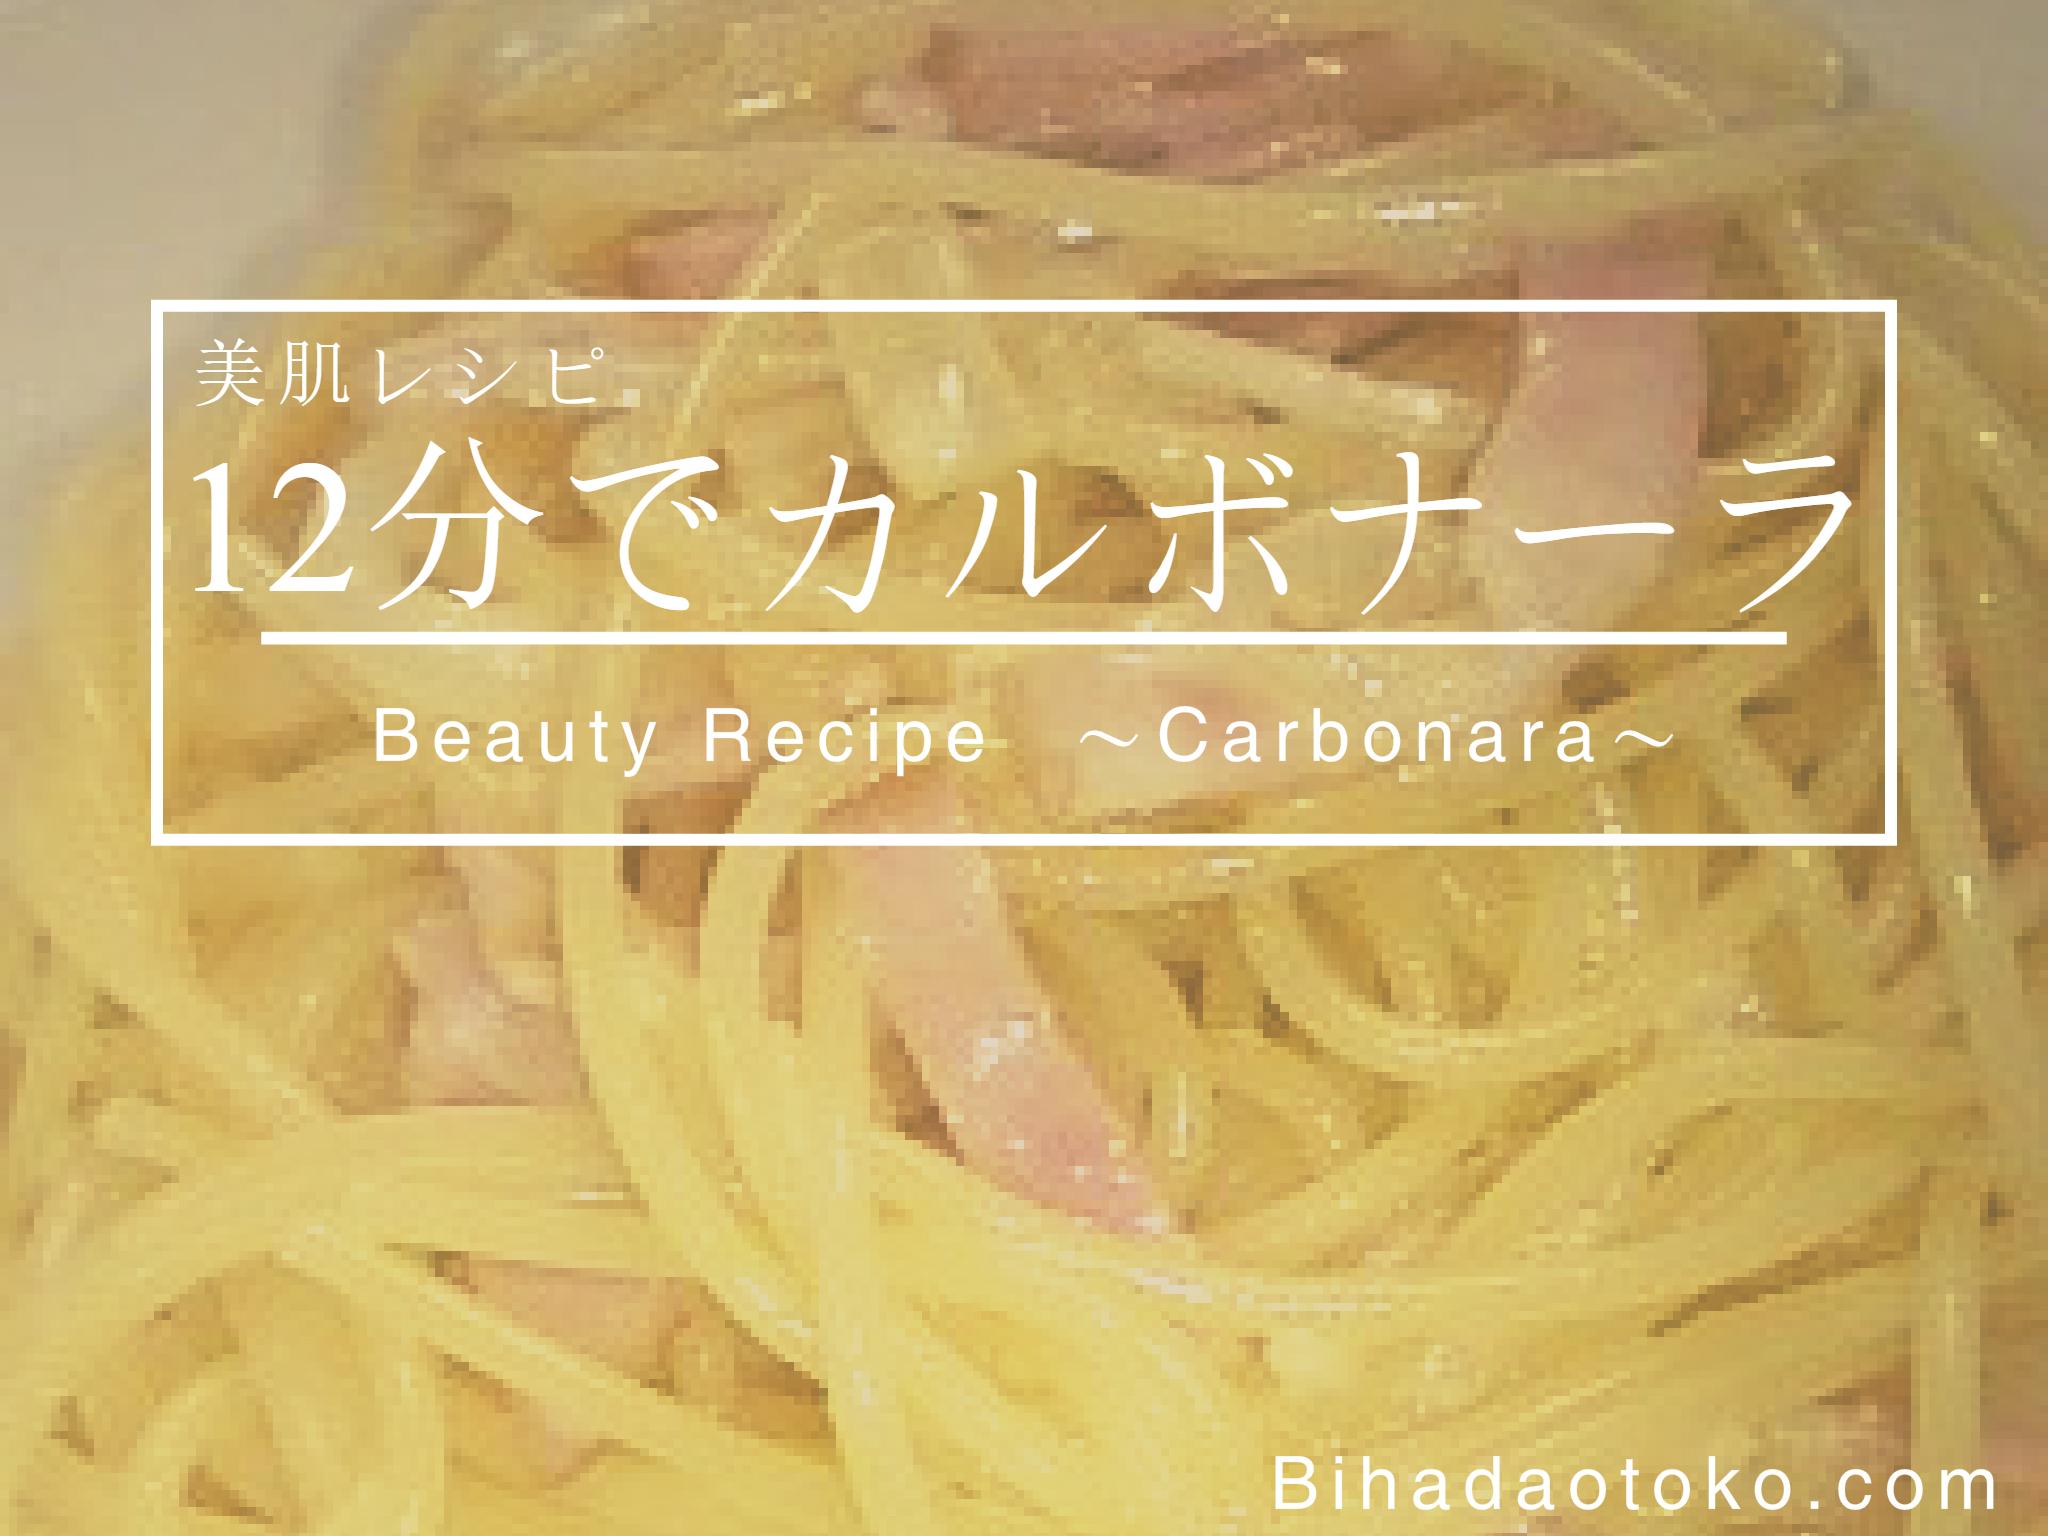 カルボナーラCarbonara美容